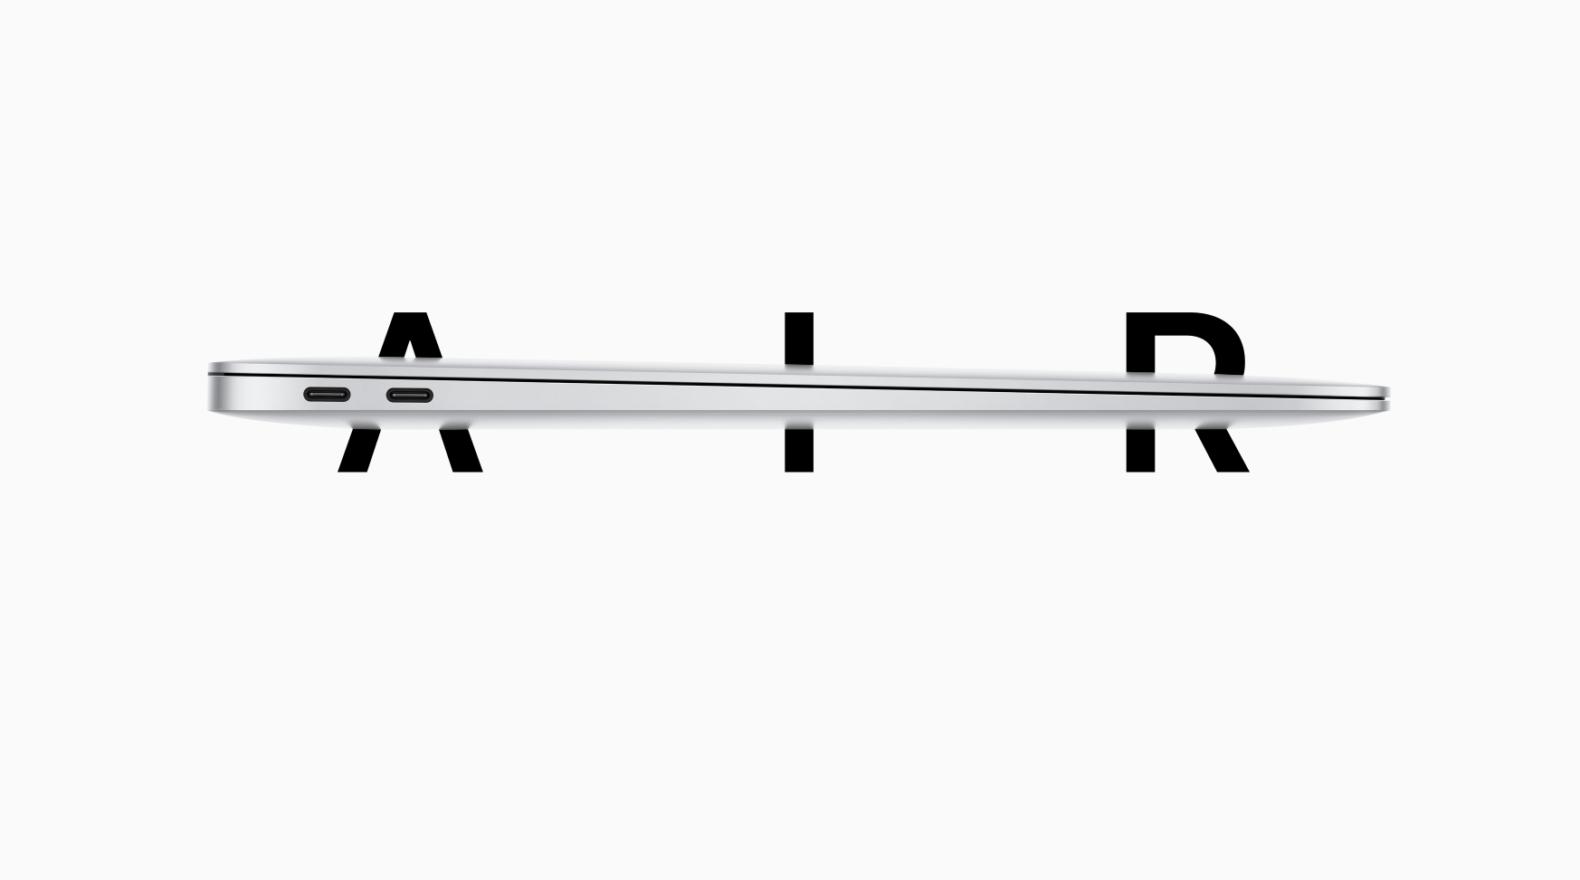 2020年の軽い作業を中心にする人のおすすめのMacBookはAir